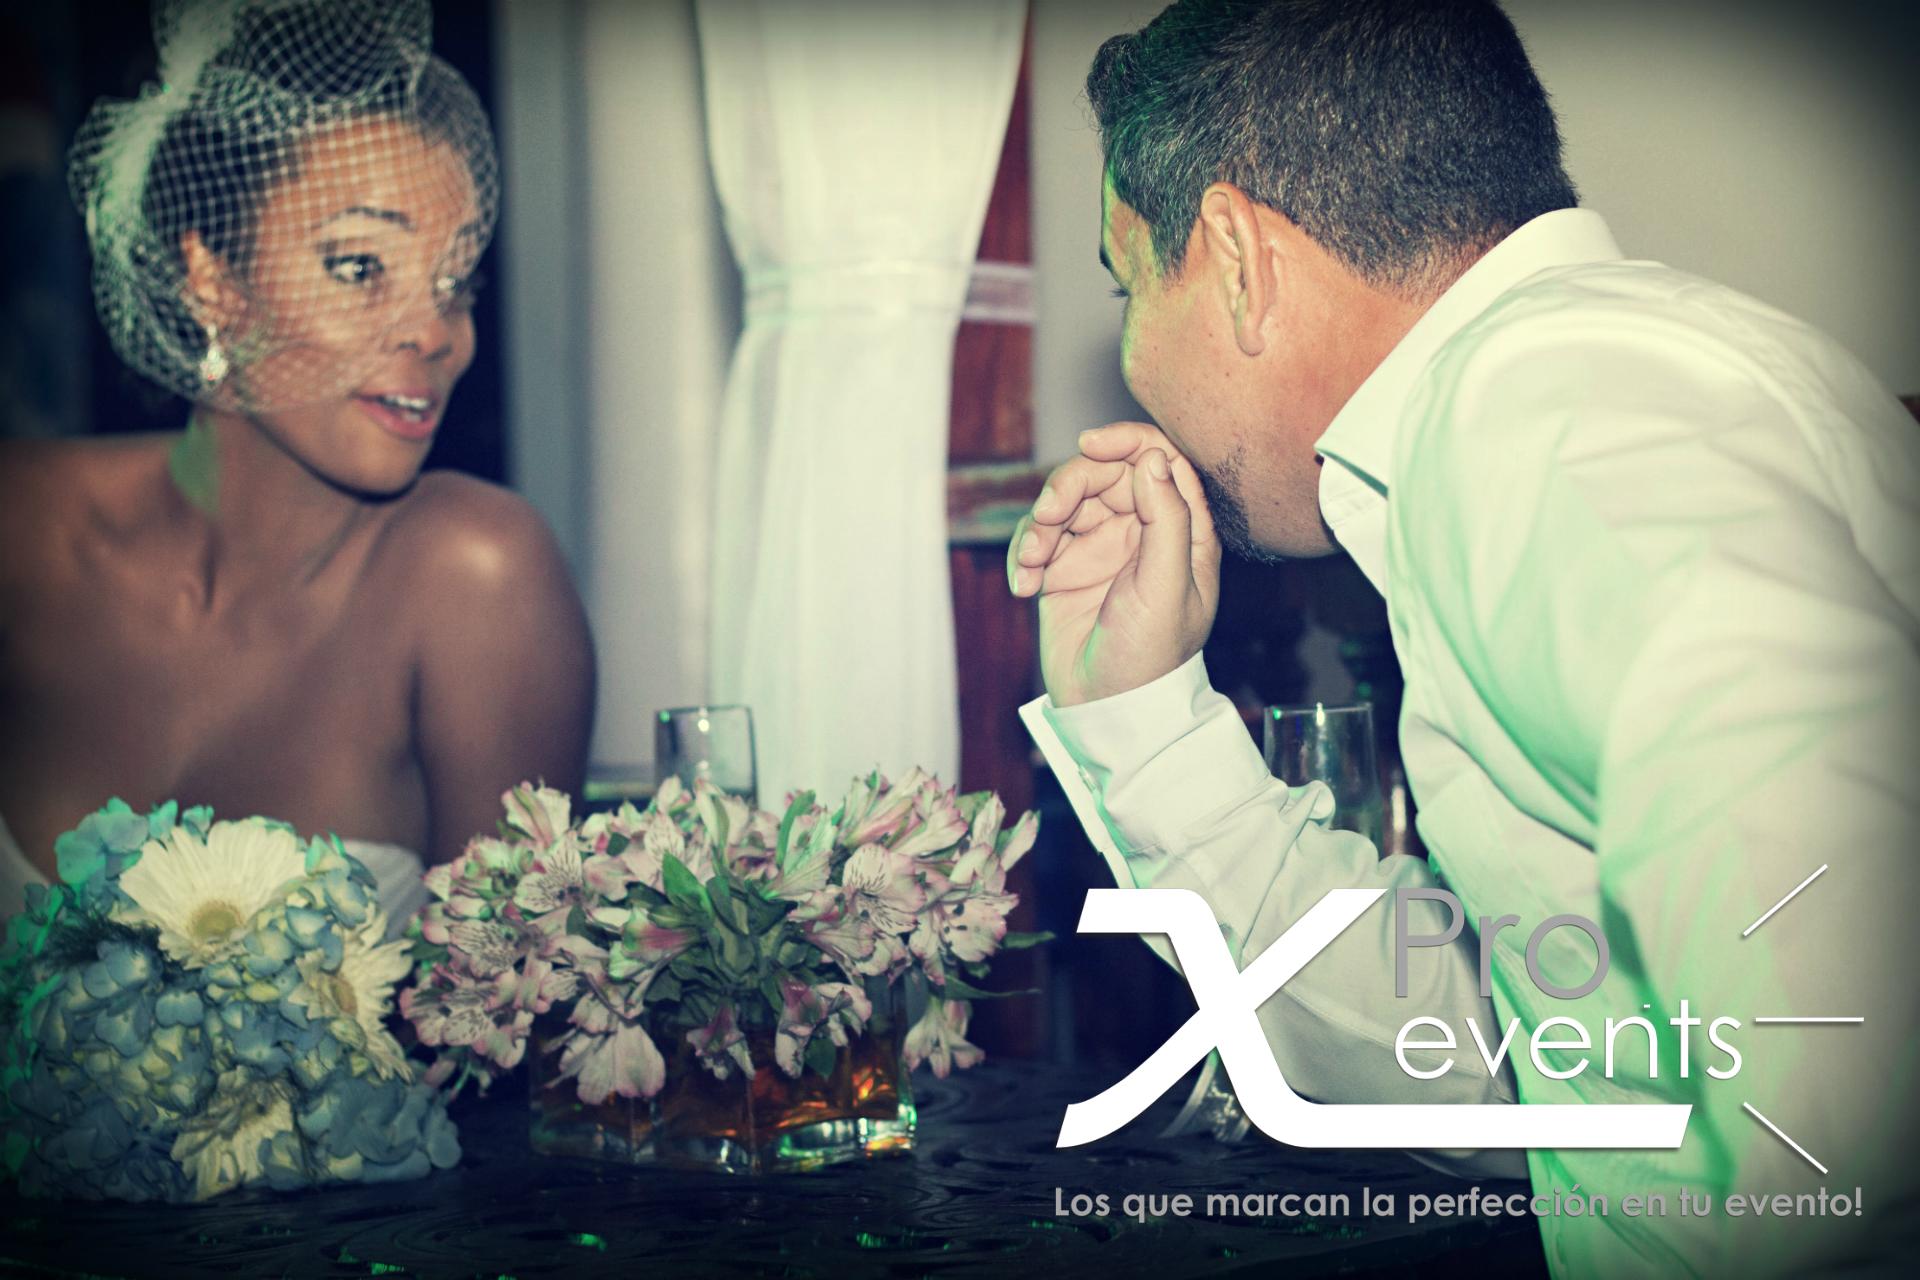 www.Xproevents.com - Fotos como la escena de una pelicula.jpg